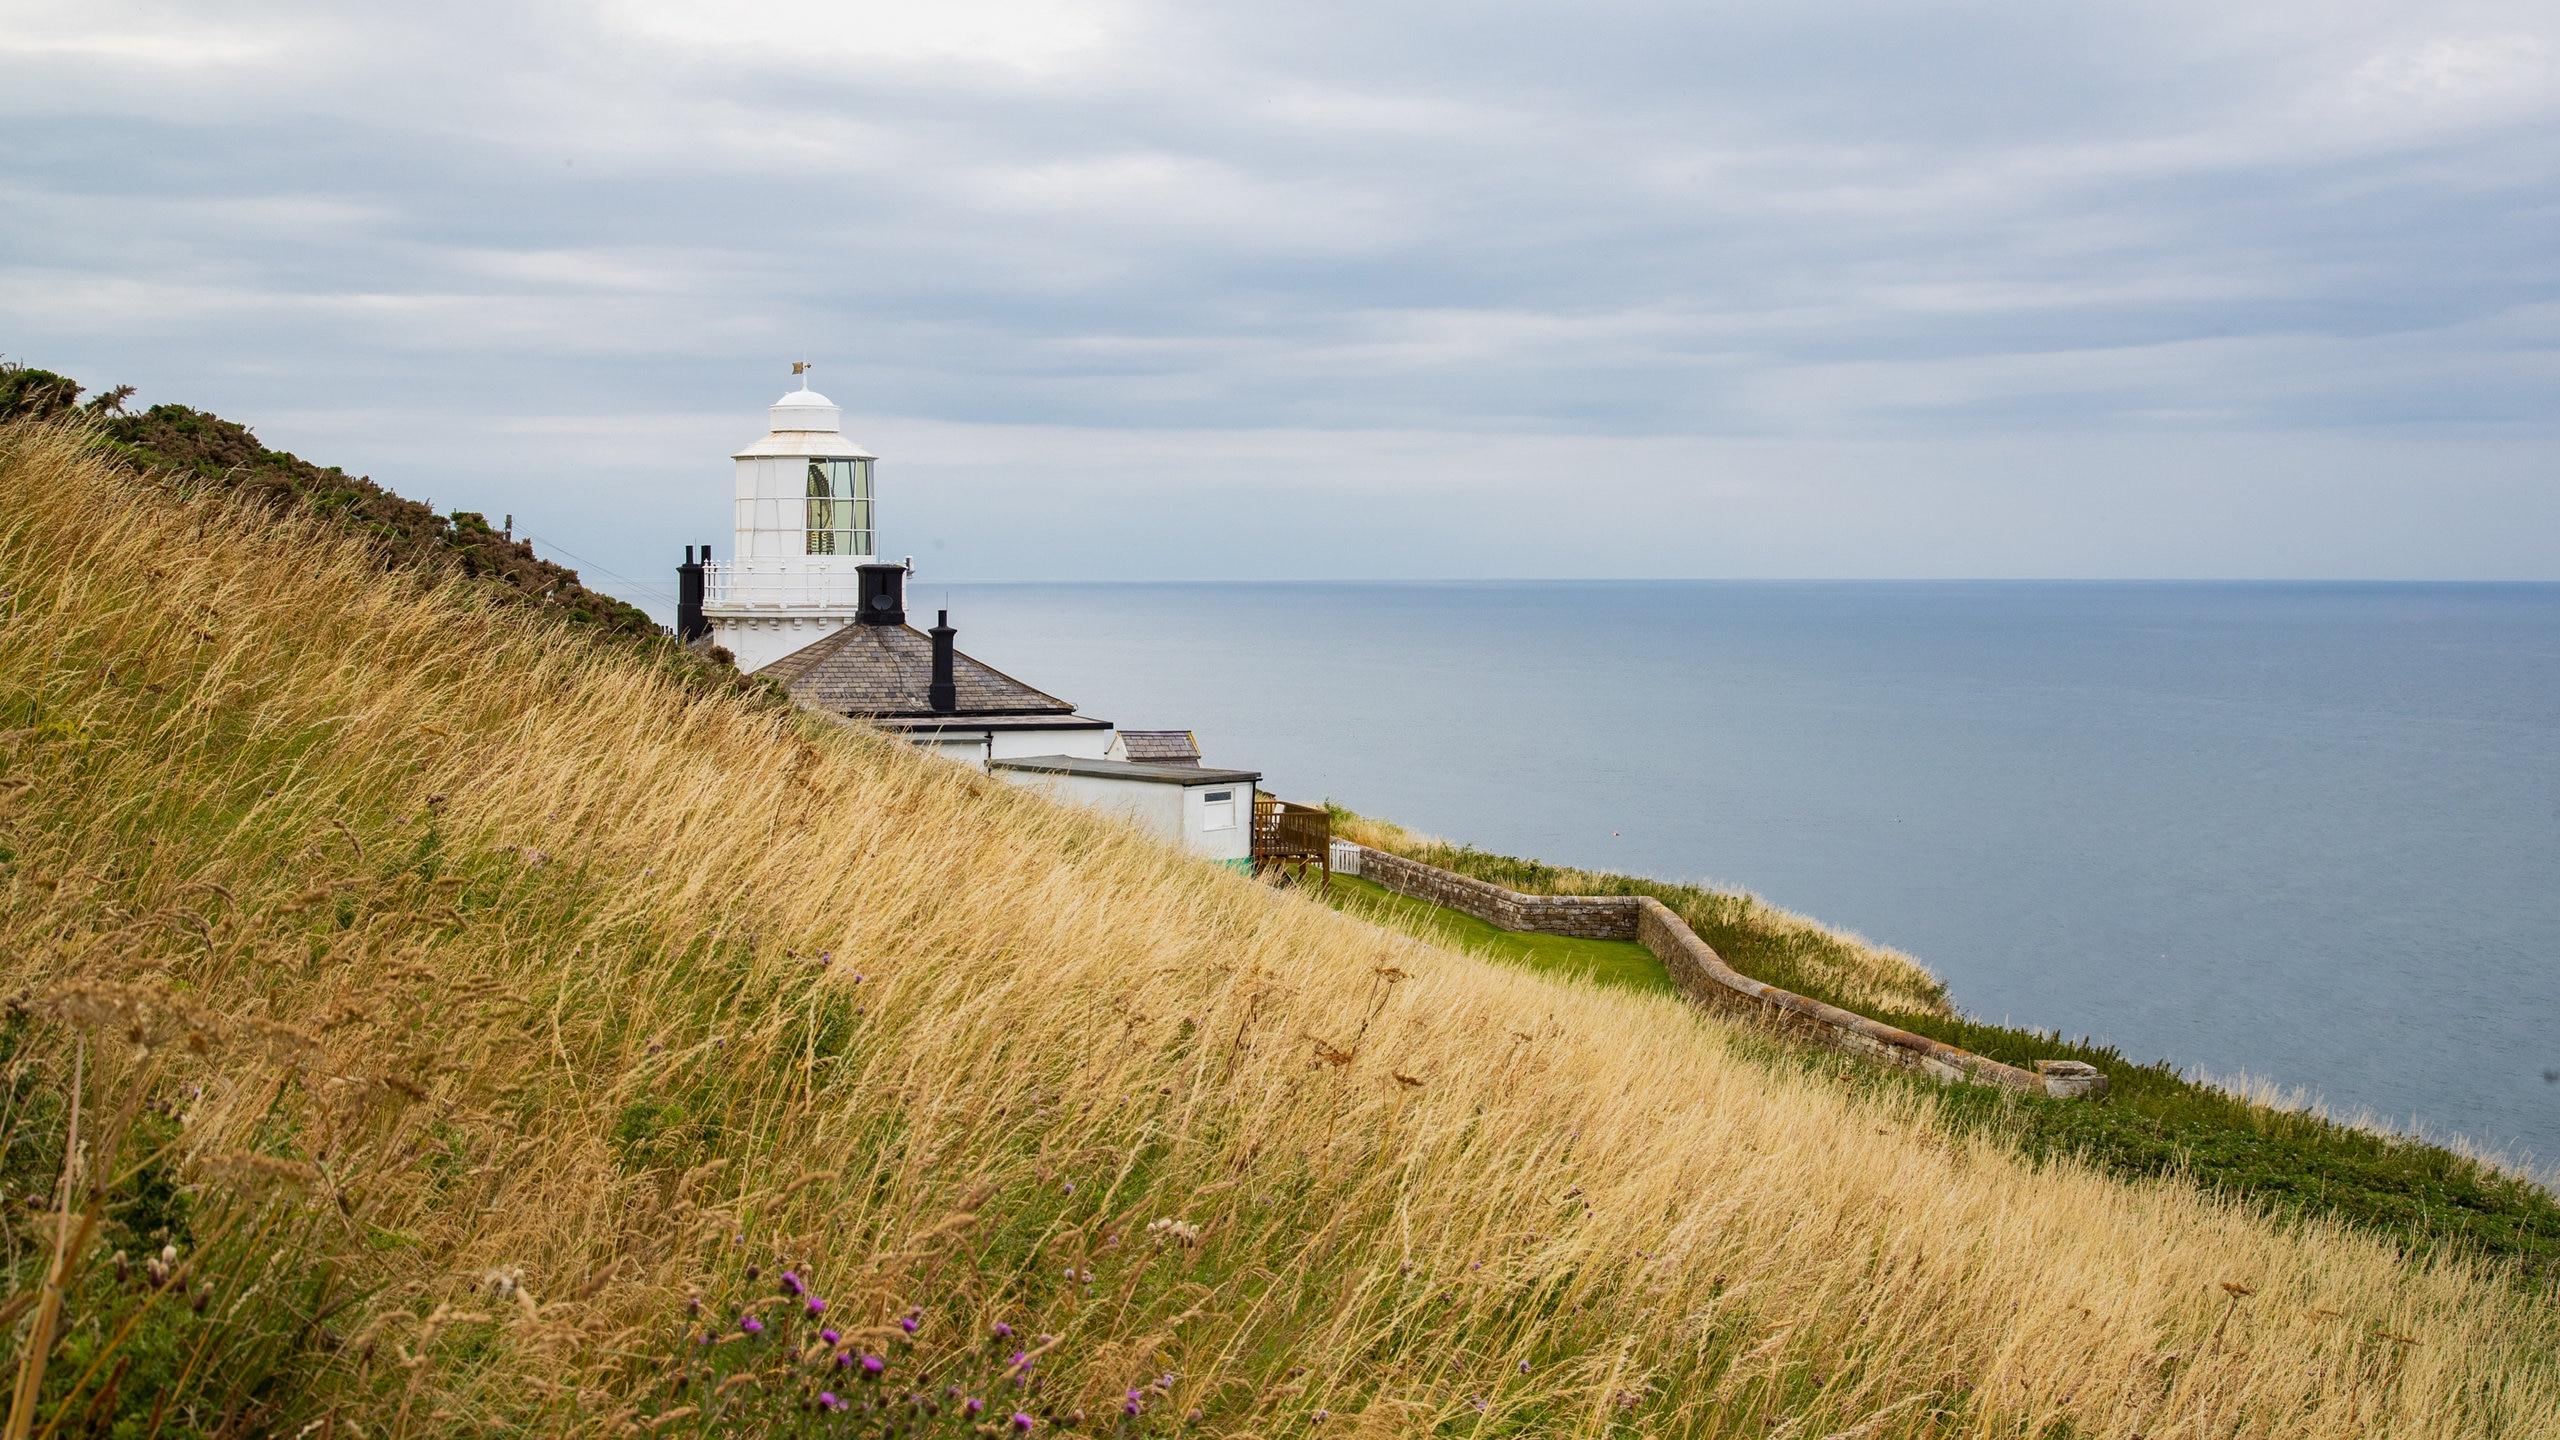 Whitby Lighthouse, Whitby, England, United Kingdom